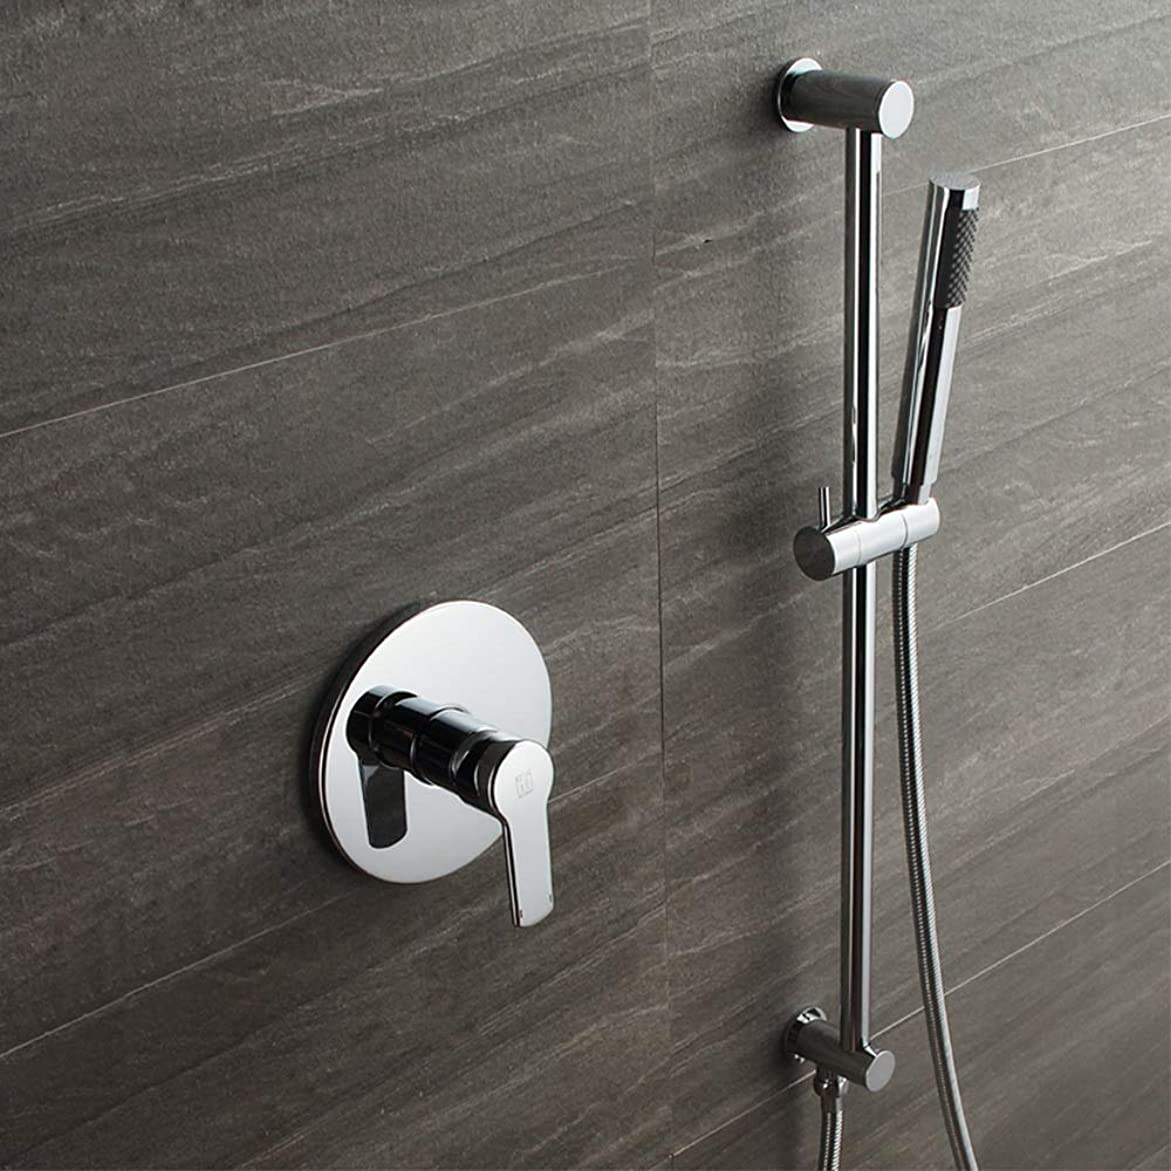 鉄道オーバードロー芝生ZXY-NAN システムバス 耐久性を設定シャワーリフトバーダークの中へ壁と事前組み込みシャワーの蛇口シャワー付シングルファンクション シャワー 降雨 取付簡単 シャワーヘッド ホース セット